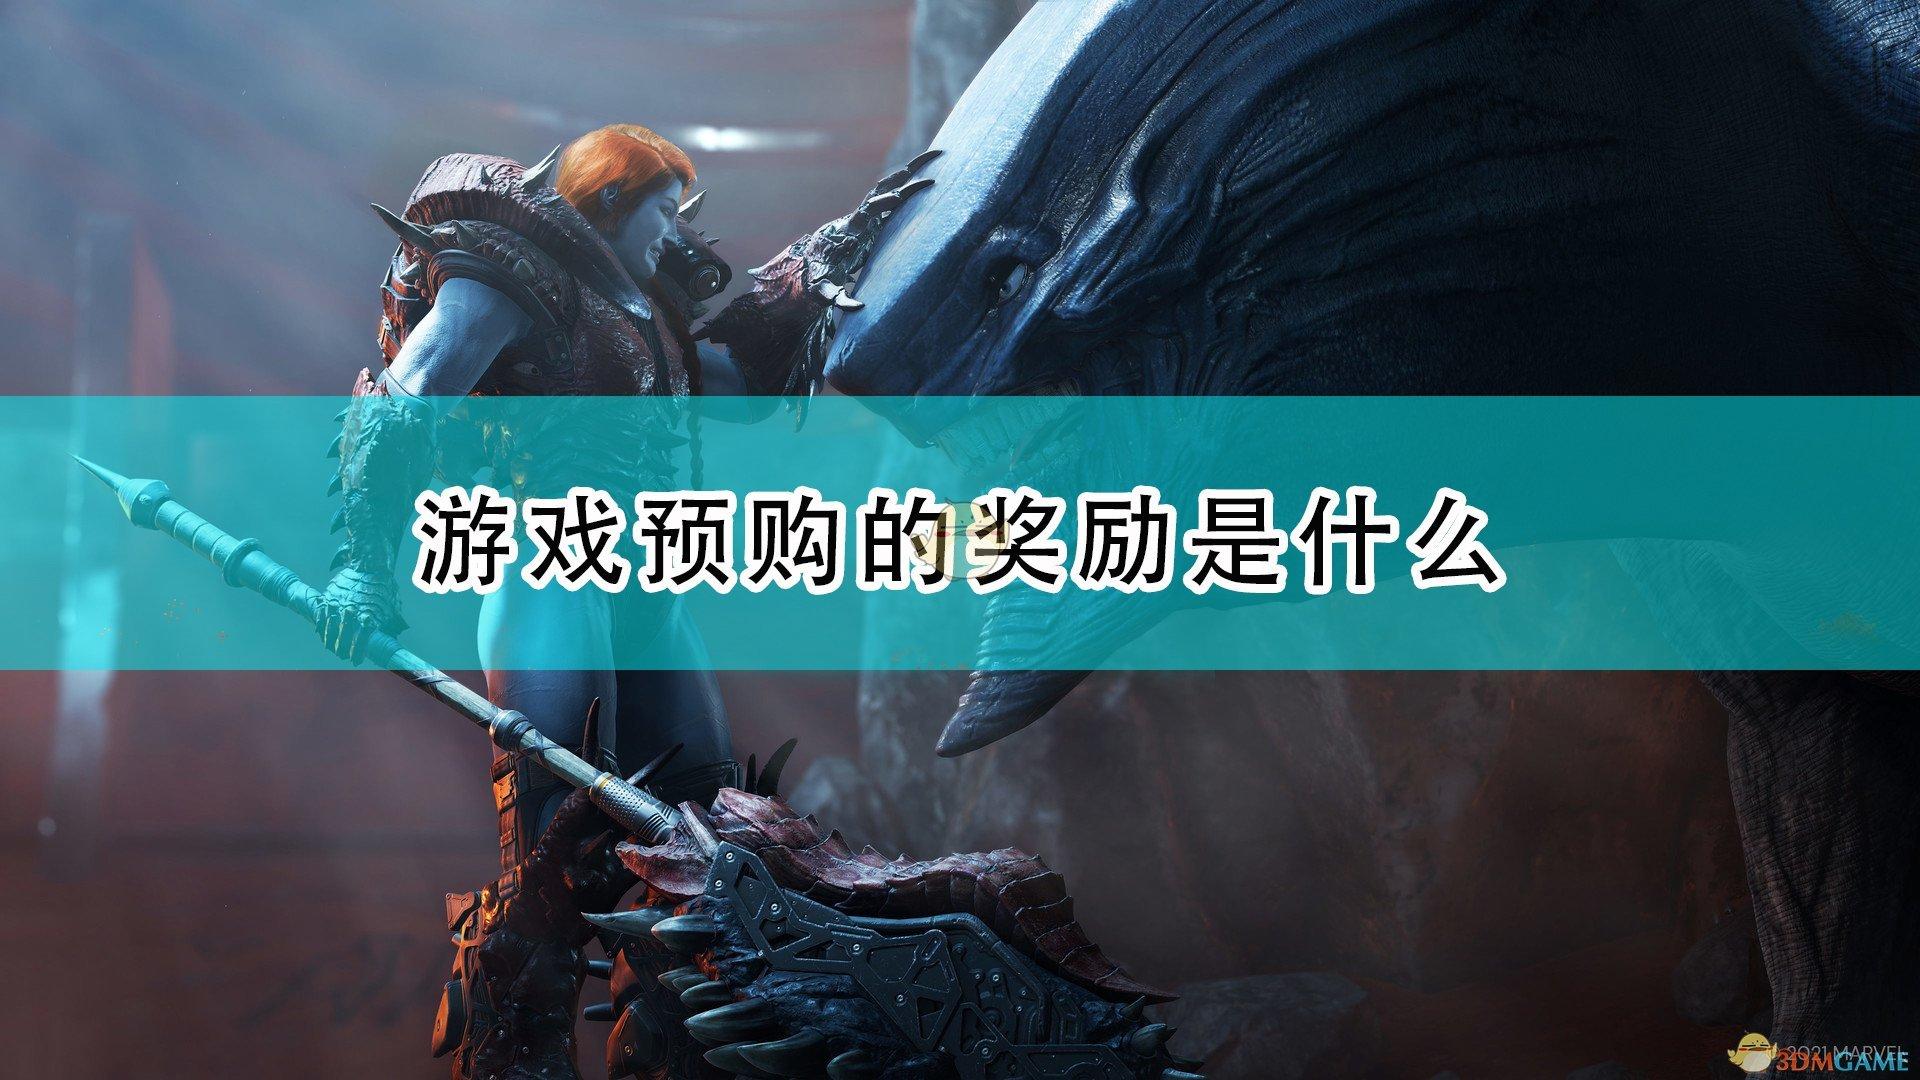 《漫威银河护卫队》游戏预购奖励介绍